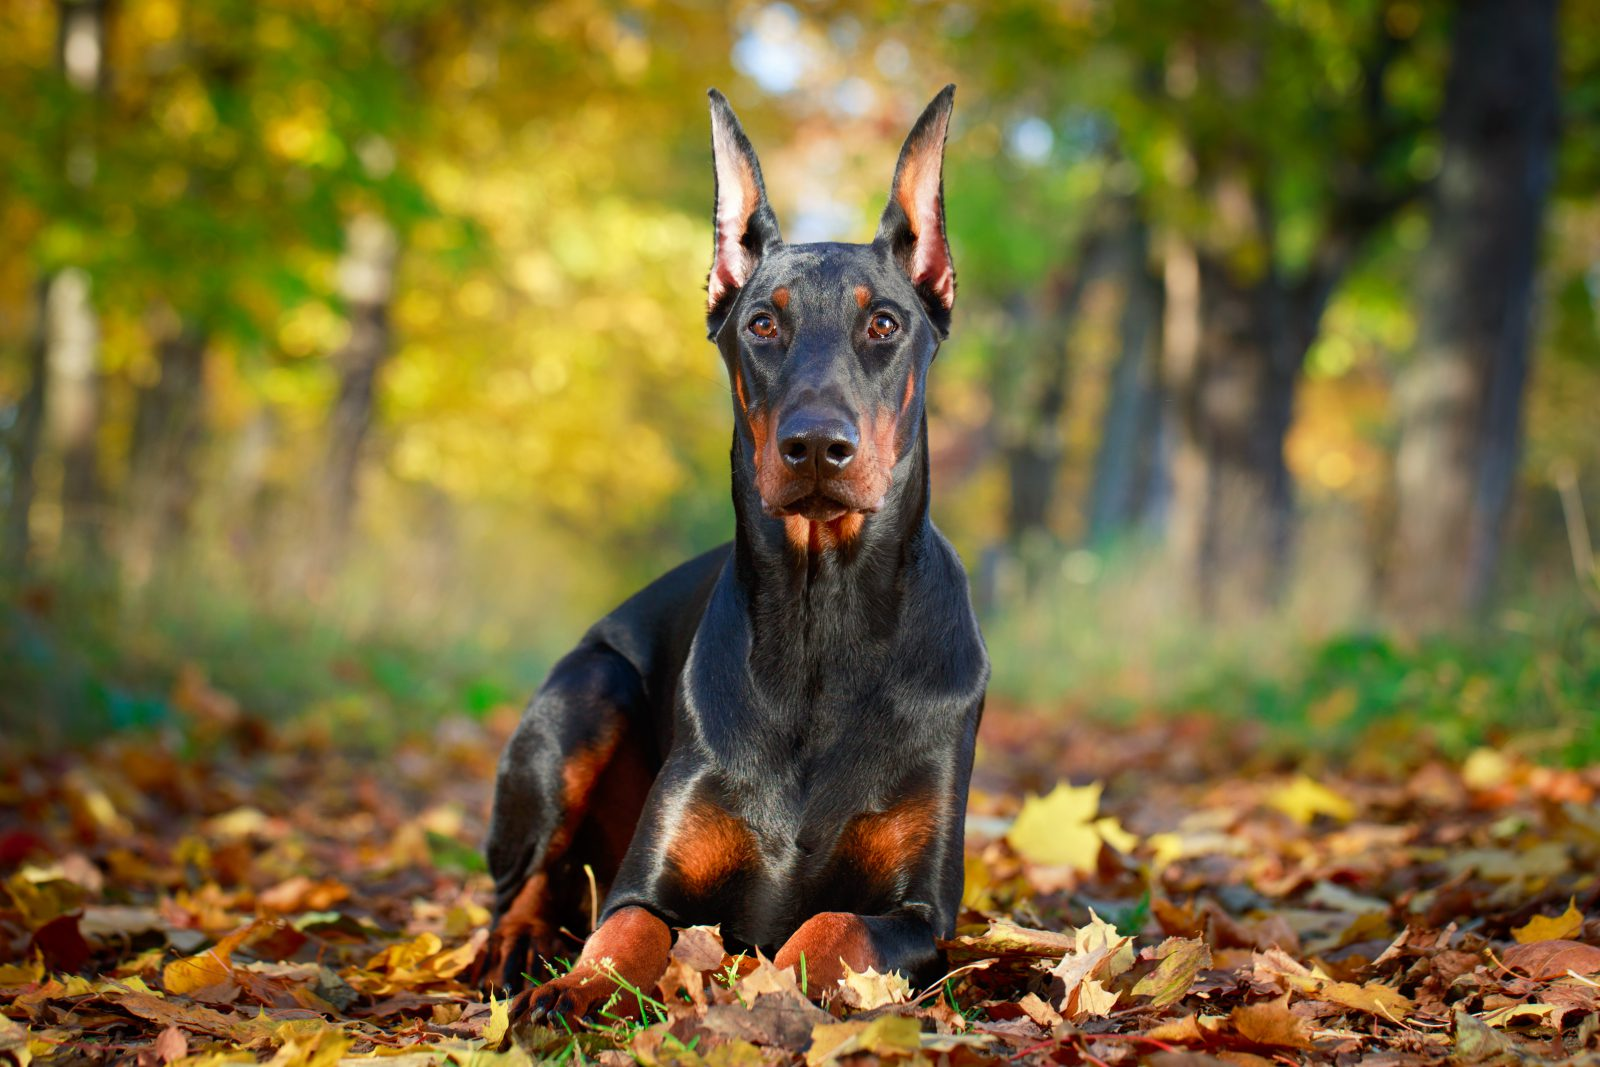 Todo cachorro nasce com atributos naturais que deveriam ser mantidos